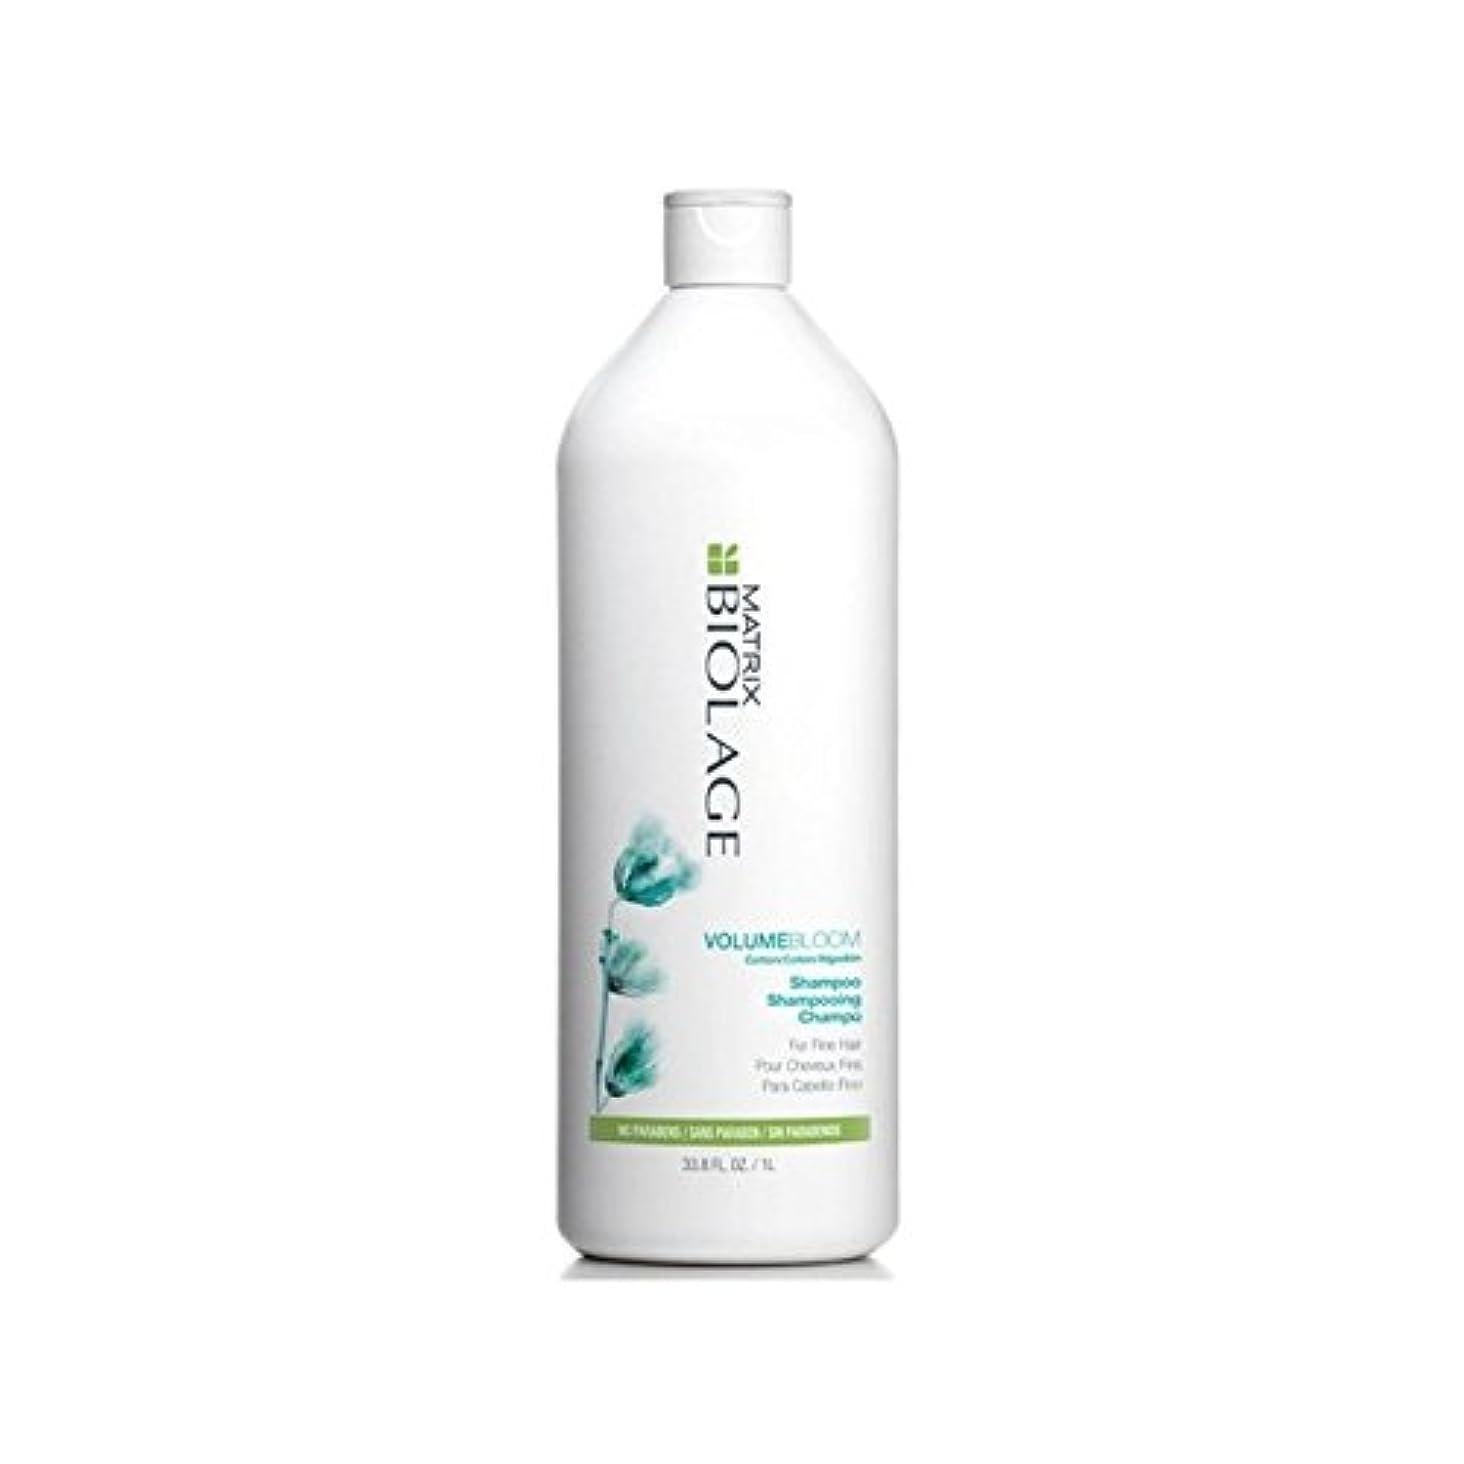 デクリメント可愛い腹痛ポンプを有するマトリックスシャンプー(千ミリリットル) x2 - Matrix Volumebloom Shampoo (1000ml) With Pump (Pack of 2) [並行輸入品]